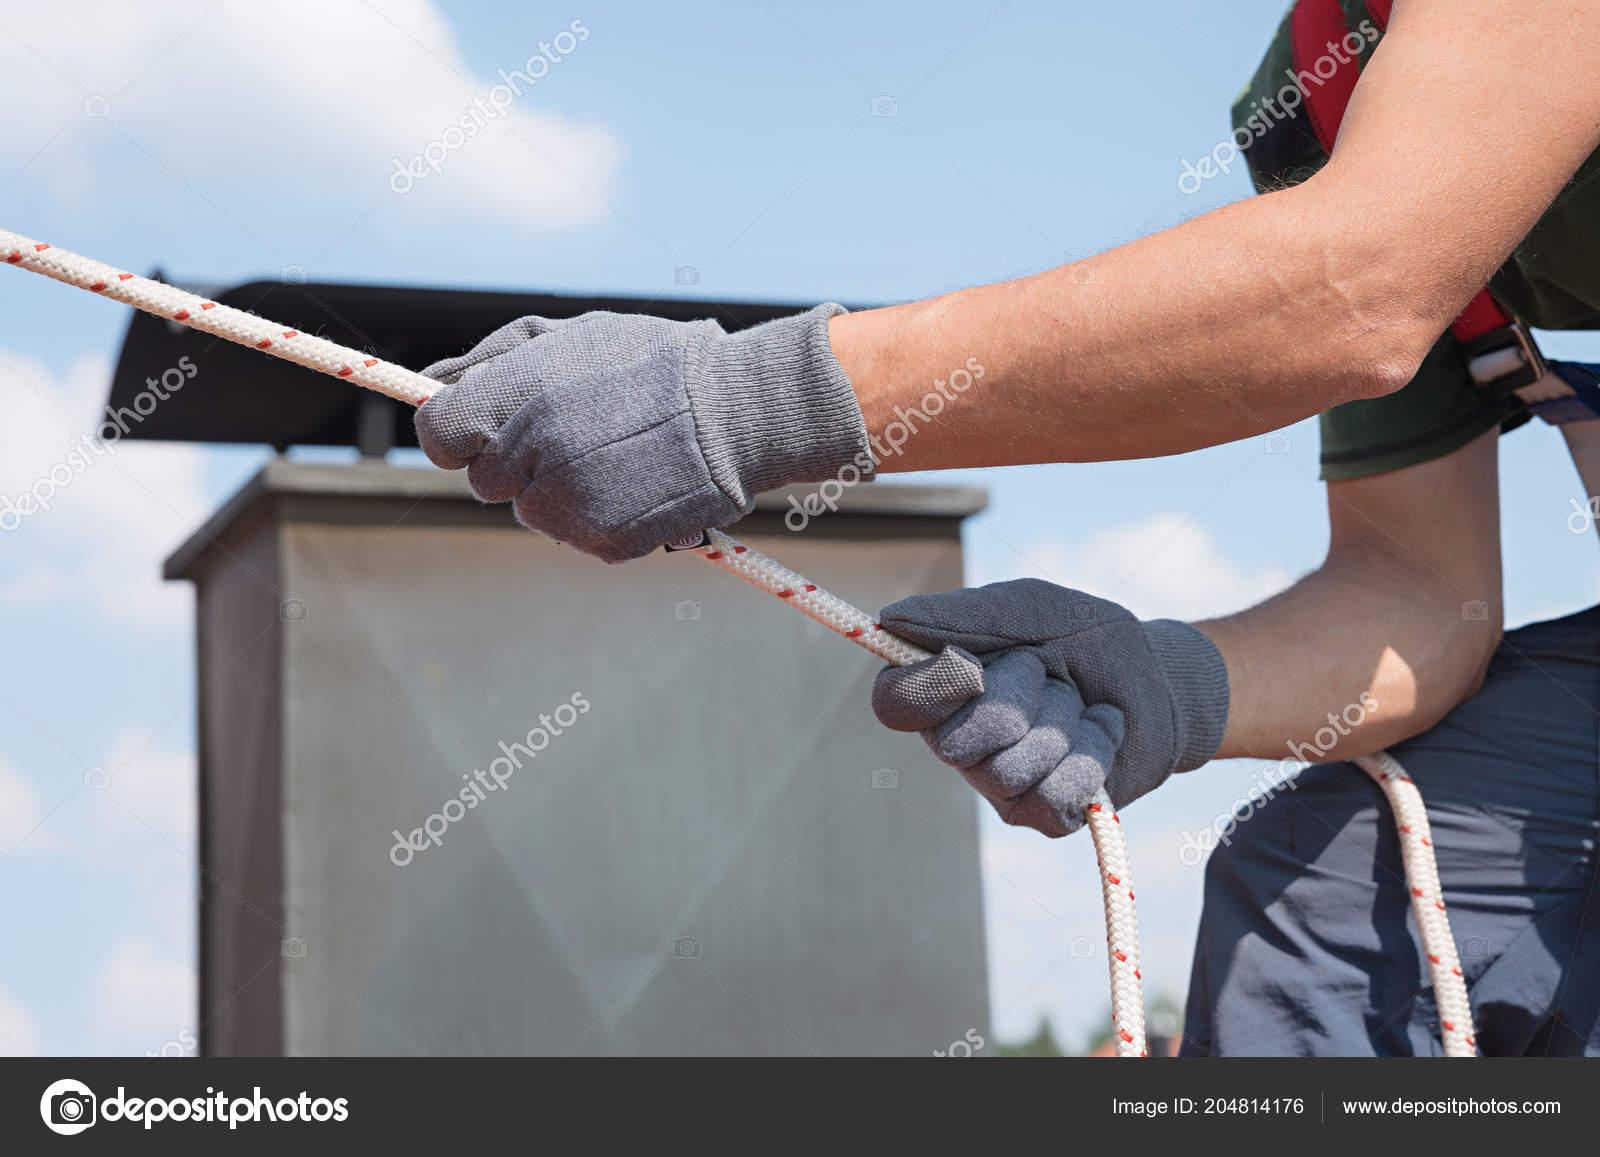 Klettergurt Seil : Menschen verwenden sicherheitsausrüstung seil handschuhe und